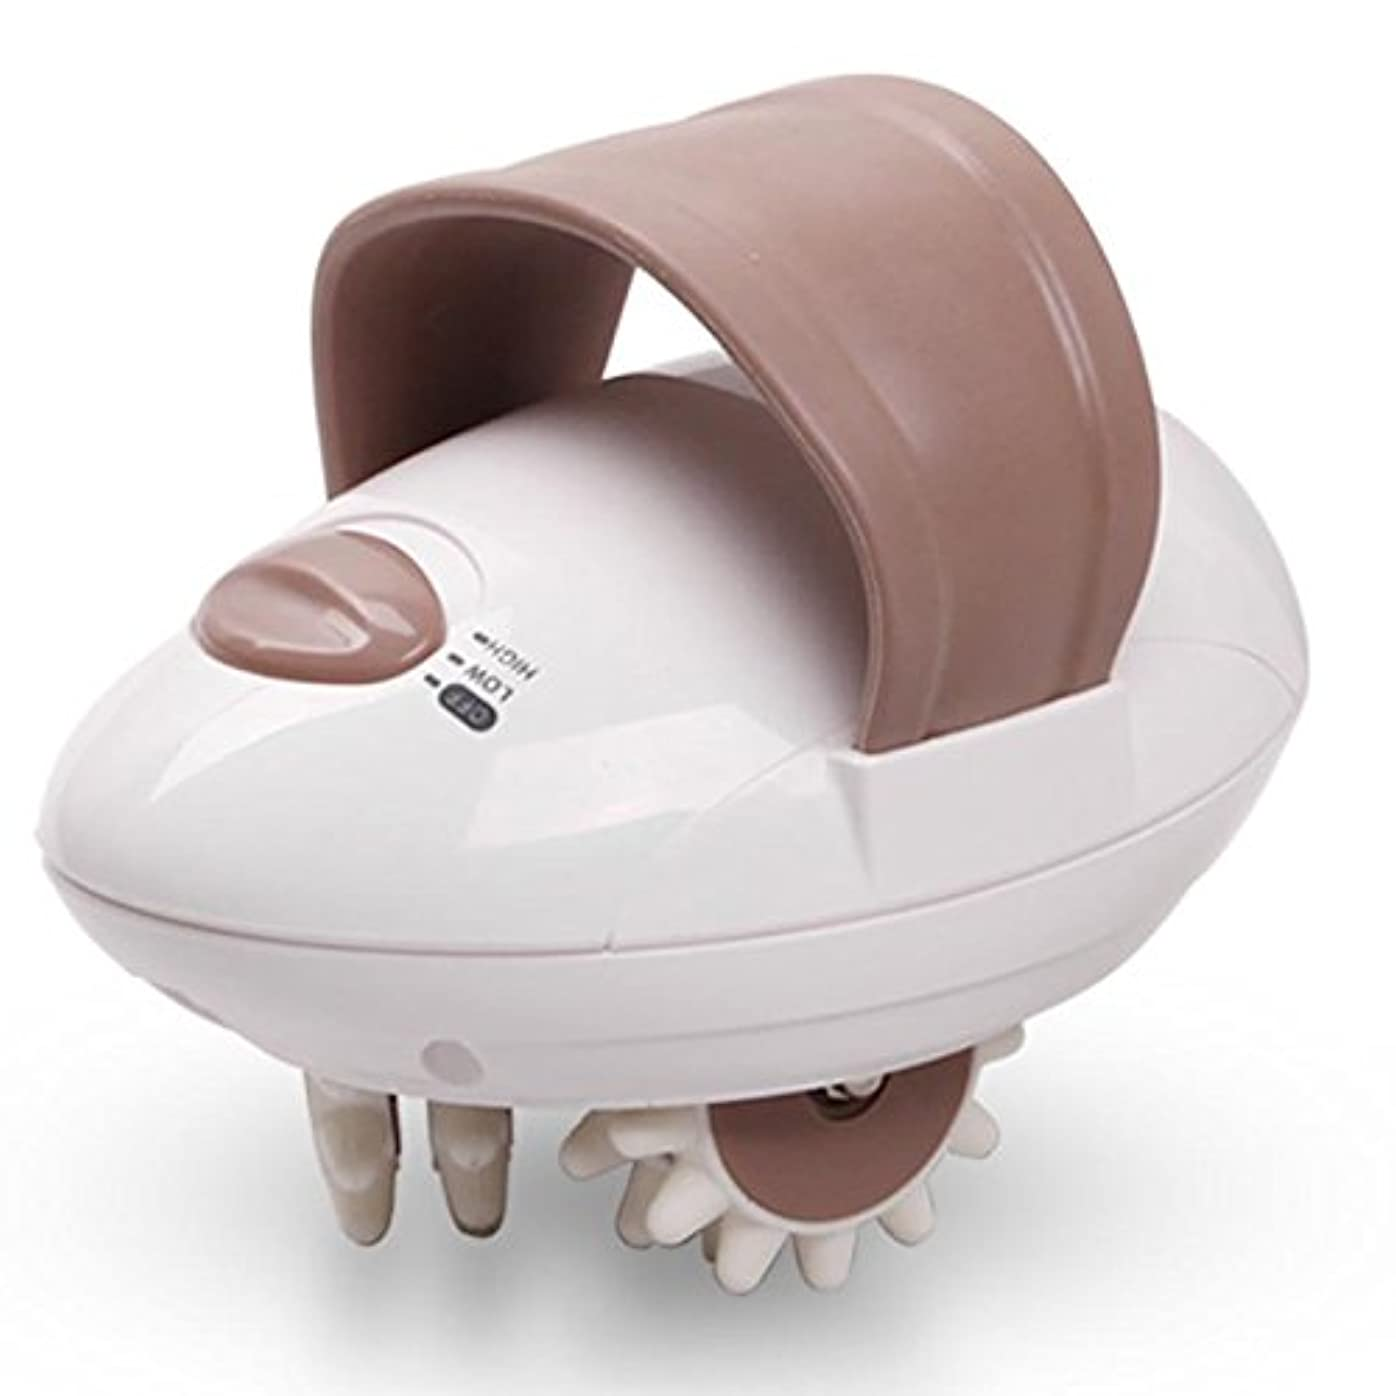 ラッシュタクトトランクLiebeye マッサージ 減量 脂肪燃焼 電動フルボディマッサージローラー セルライトマッサージ スマートデバイス テンションを解放